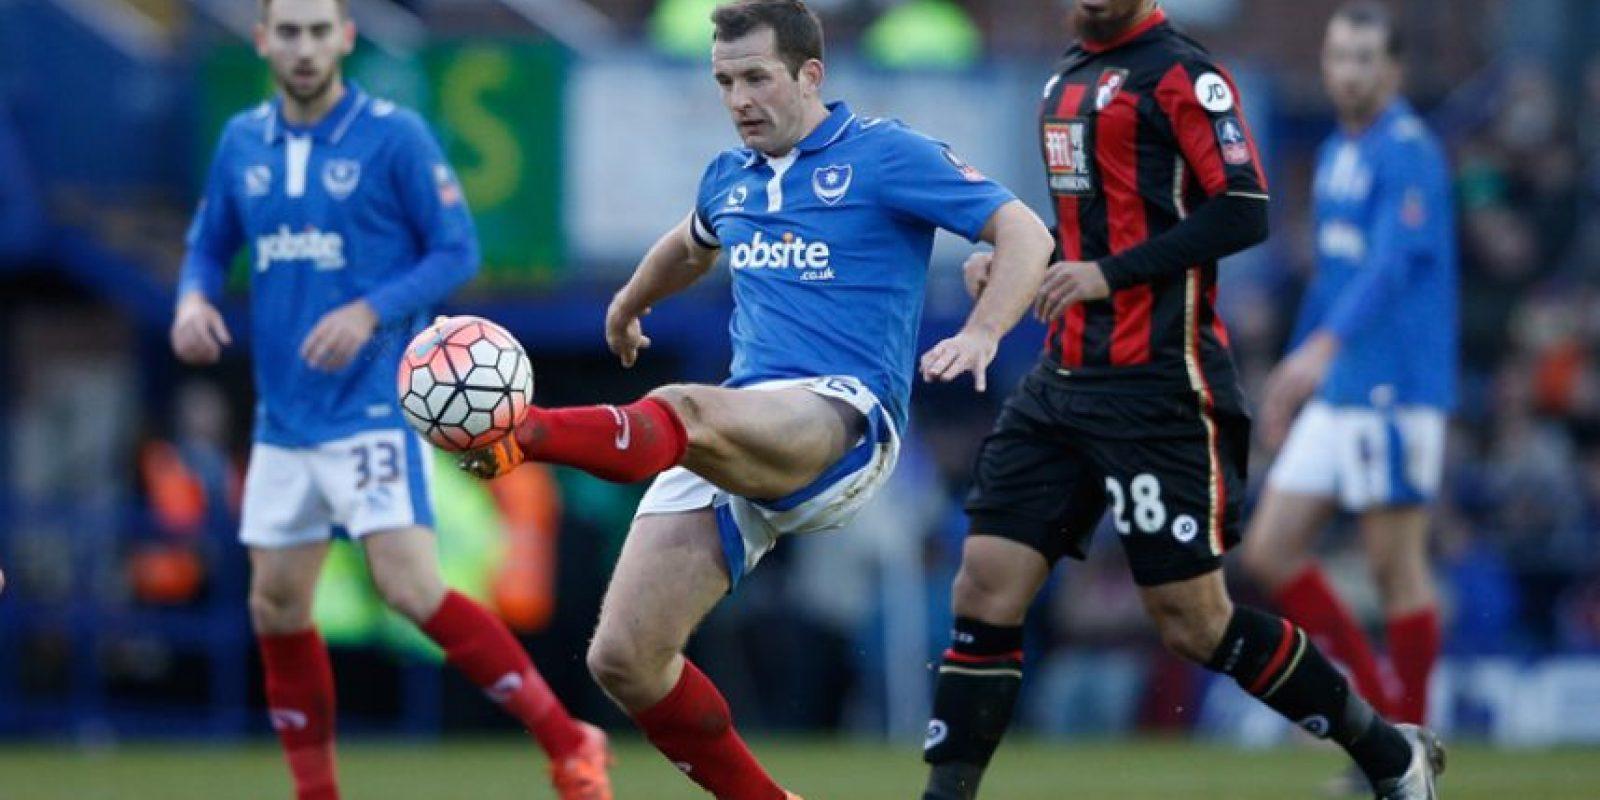 Acción del partido entre Portsmouth y Bournemouth. Foto:AFP